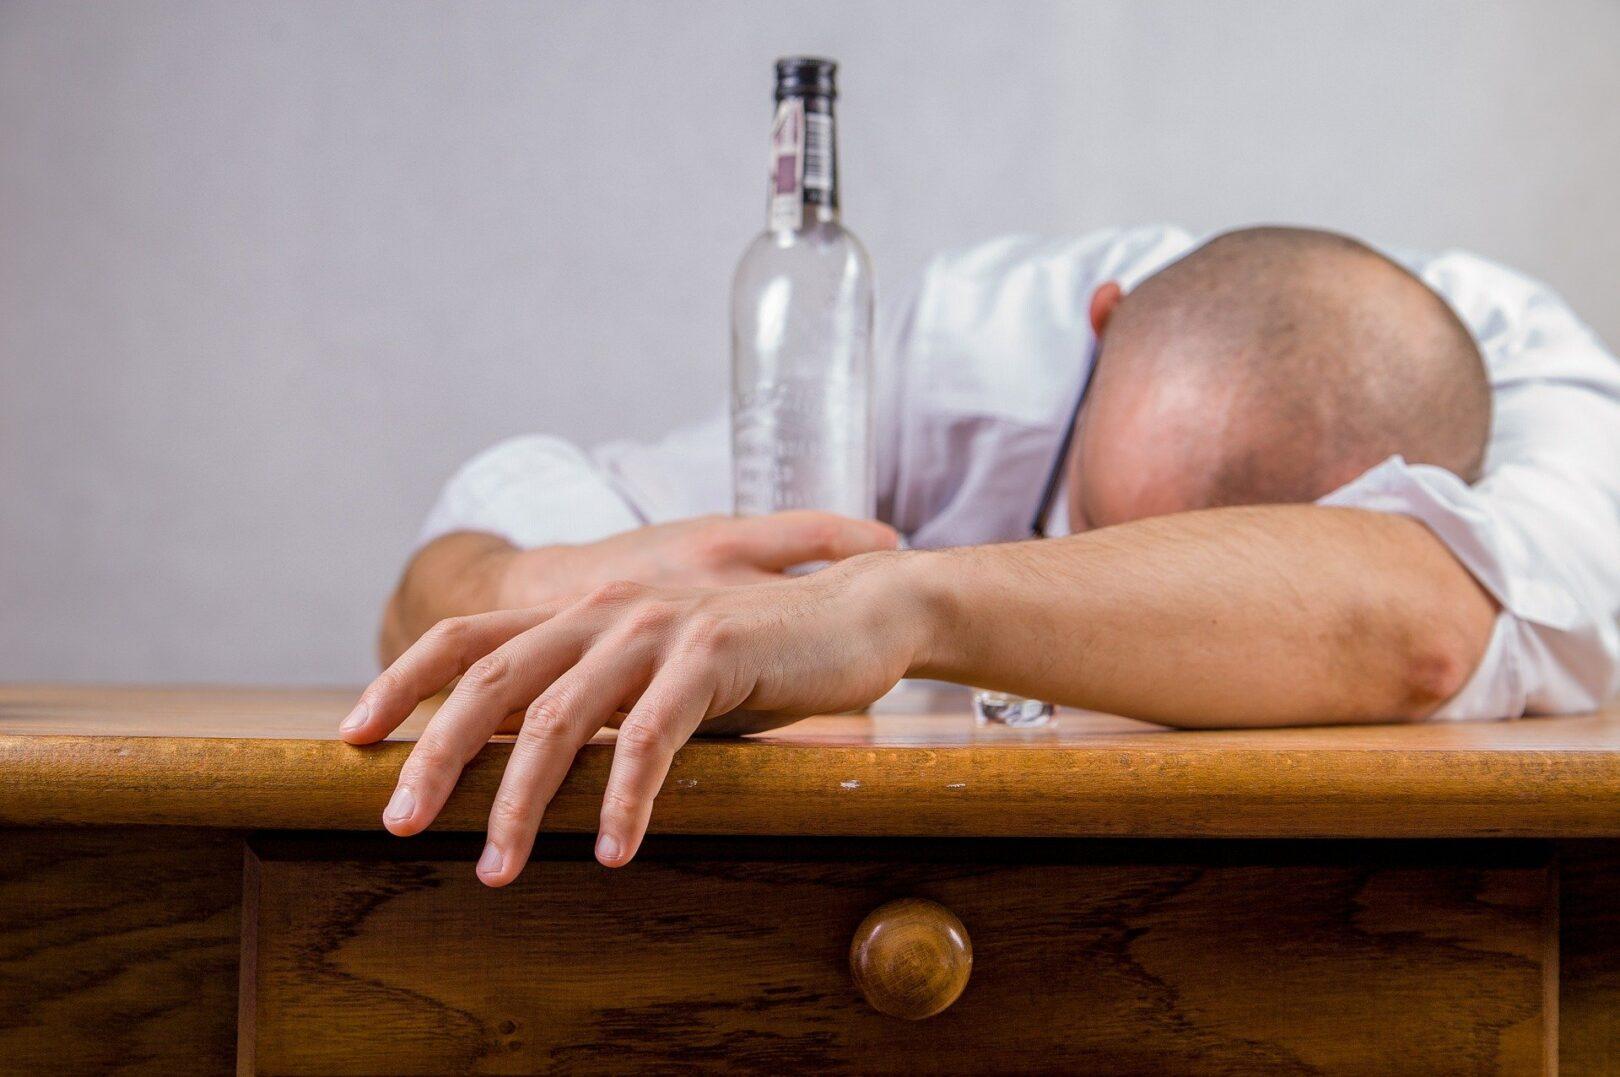 Med najpogostejše vzroke in povode za umor lahko štejemo zagotovo alkohol in druge psihoaktivne substance.